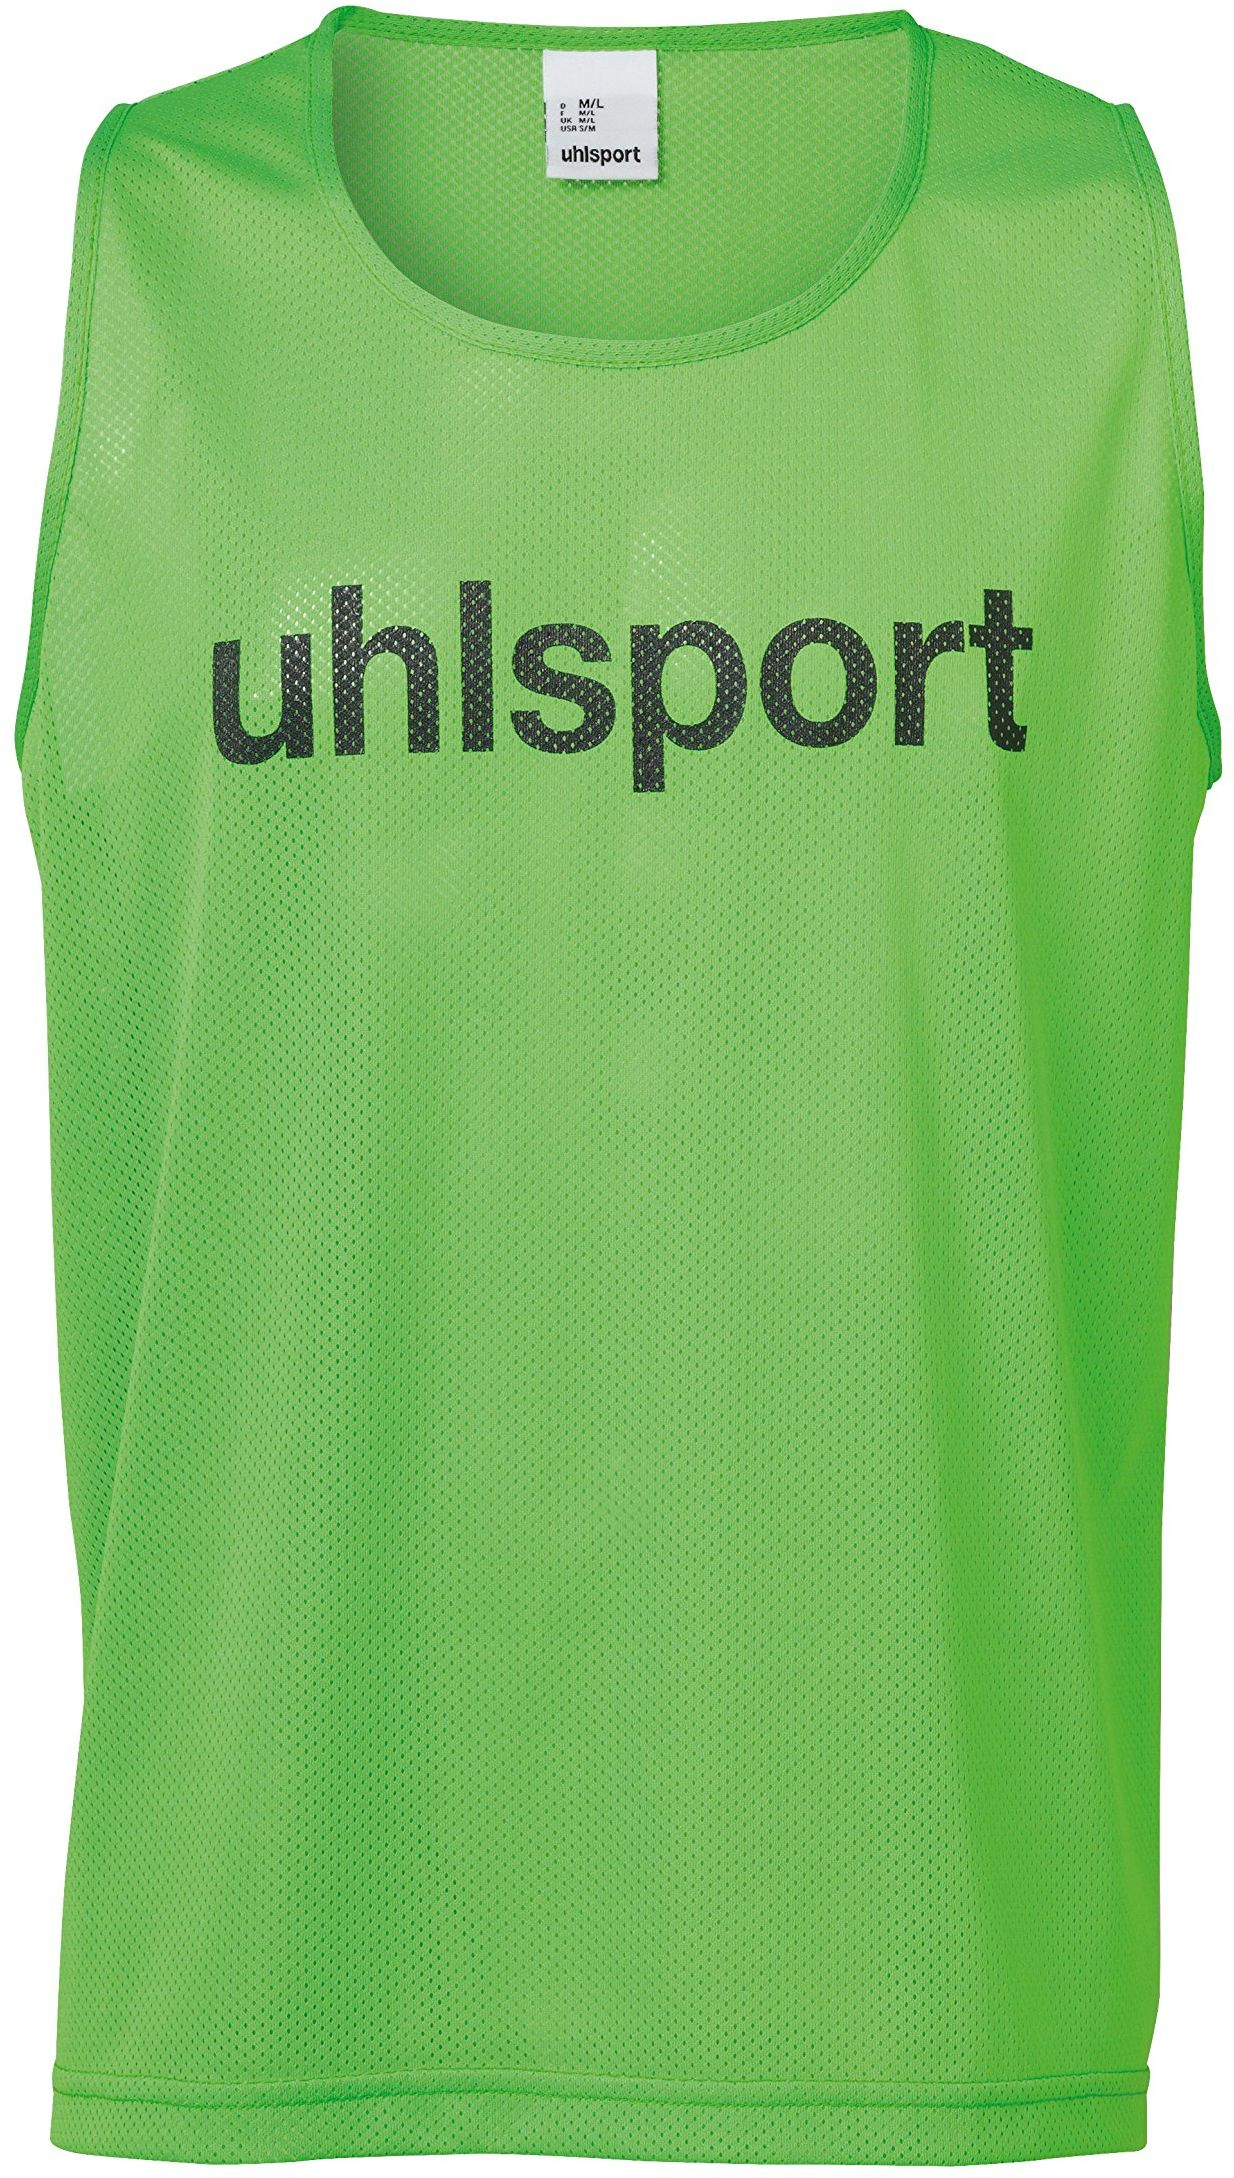 Uhlsport męska koszulka z oznakowaniem, fluo zielony, XS/S